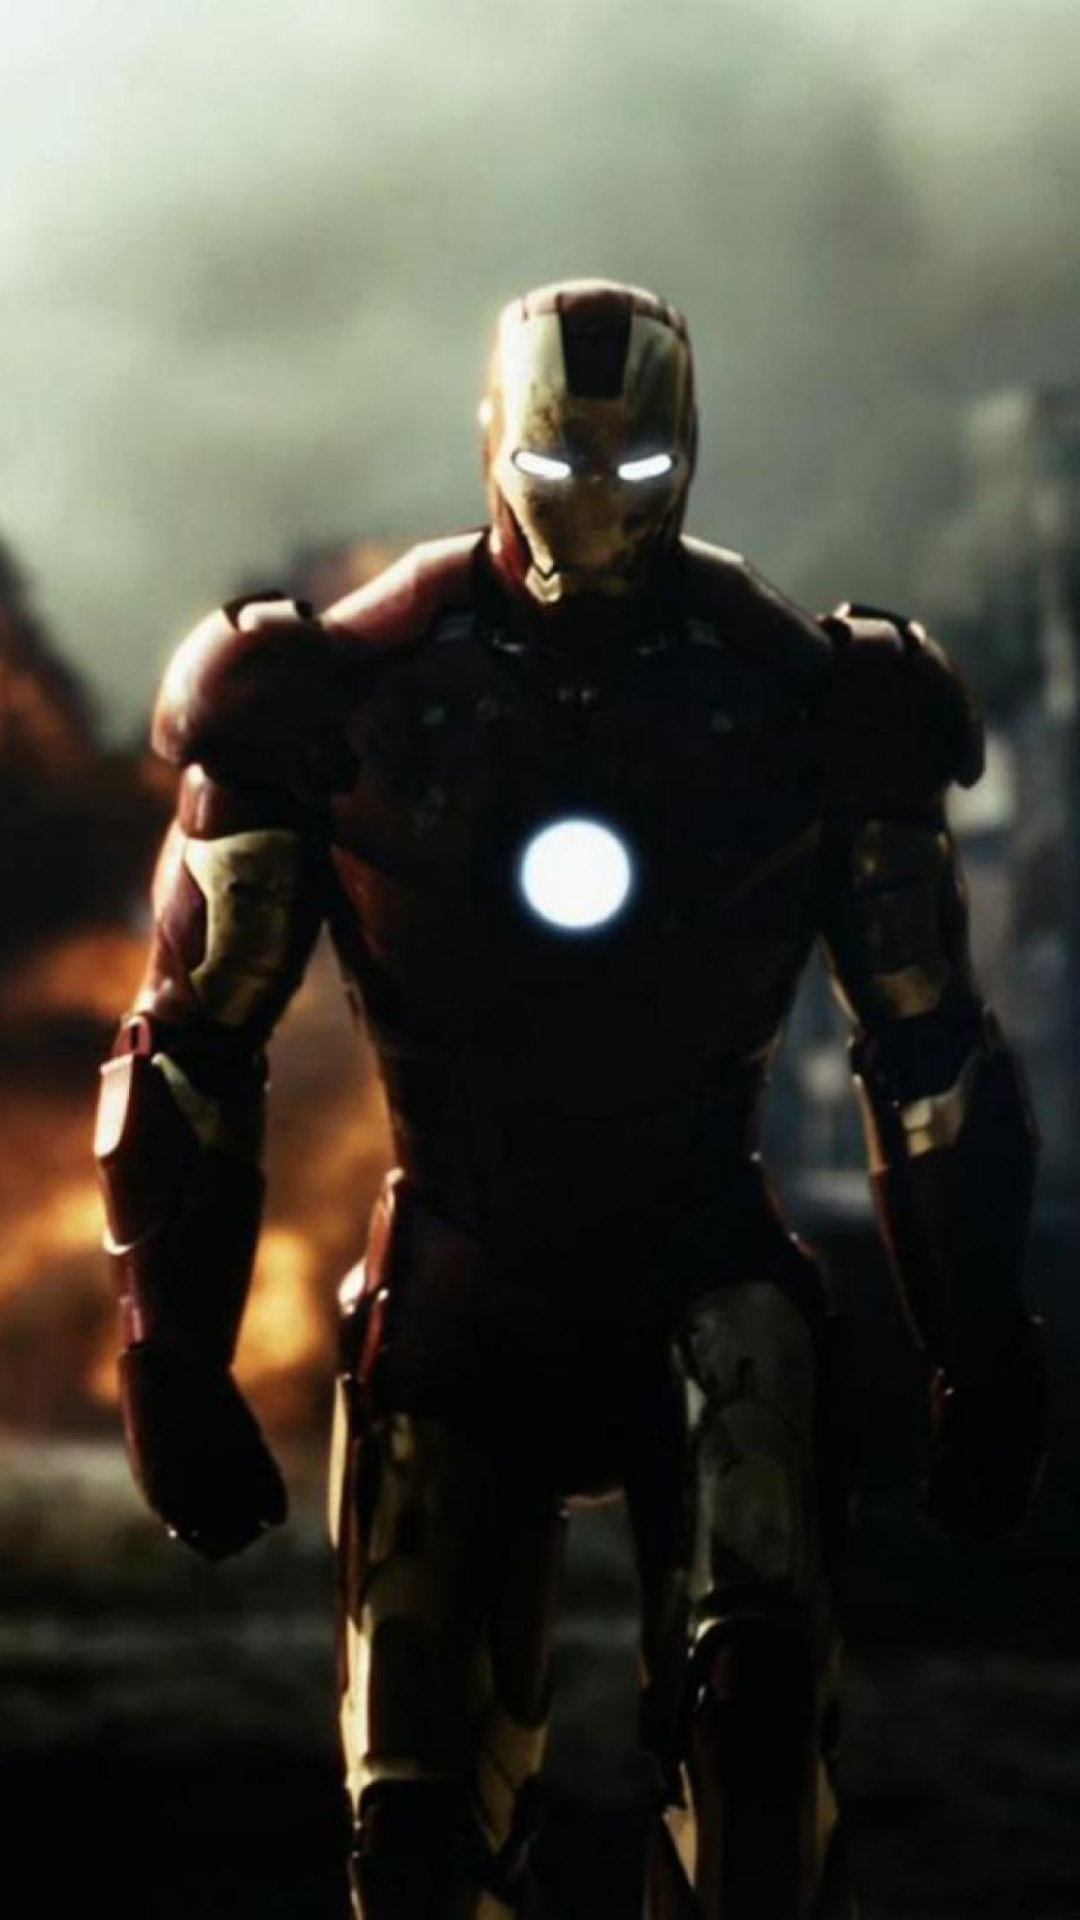 Iron man fondos de pantalla gratis para iphone 6 plus - Fondos de pantalla de iron man en 3d ...